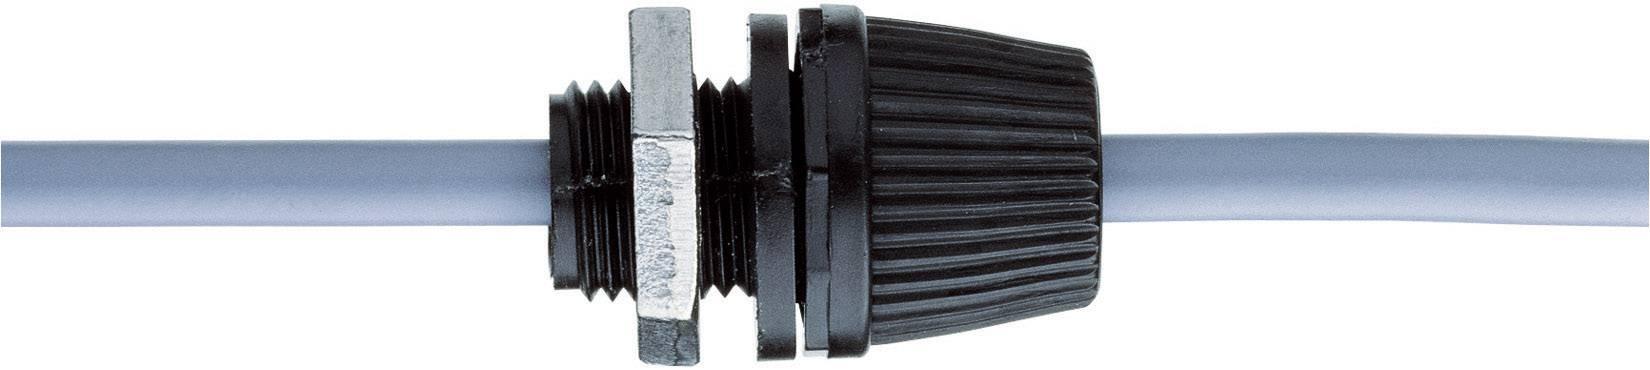 Kabelová průchodka s odlehčením tahu M10, polyamid, IP55